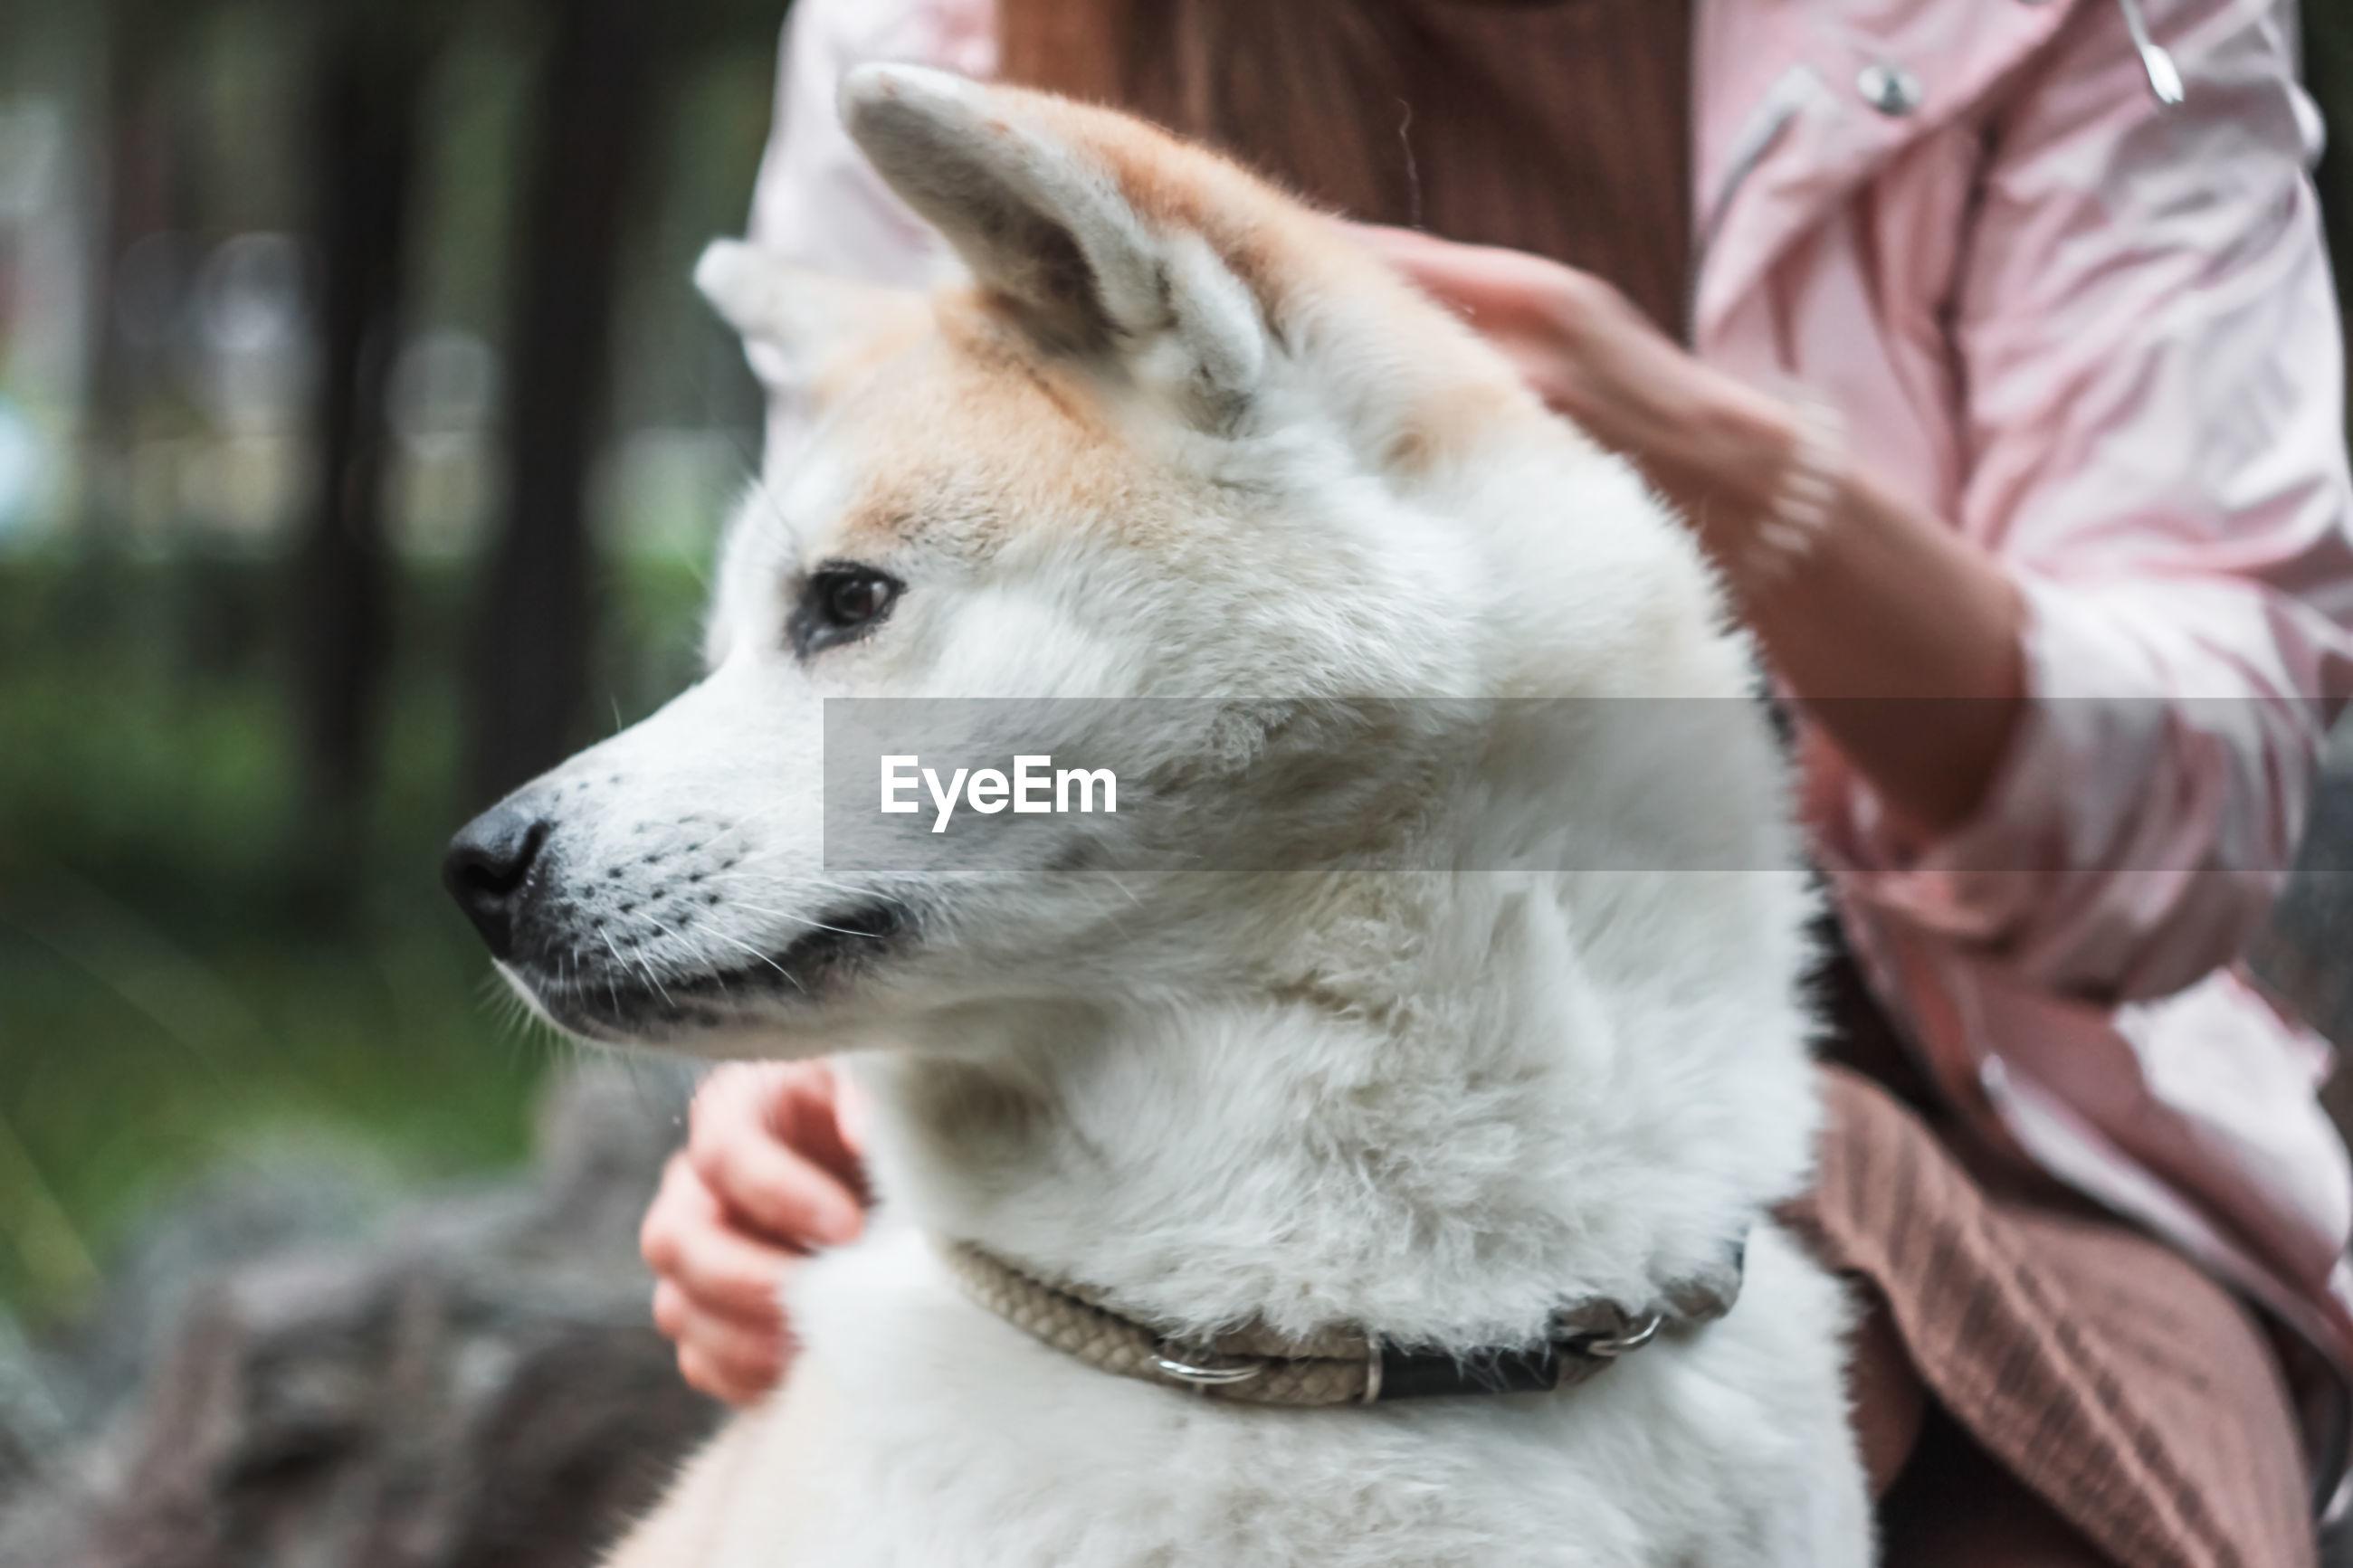 CLOSE-UP OF DOG LOOKING AT CAMERA WHILE HAND